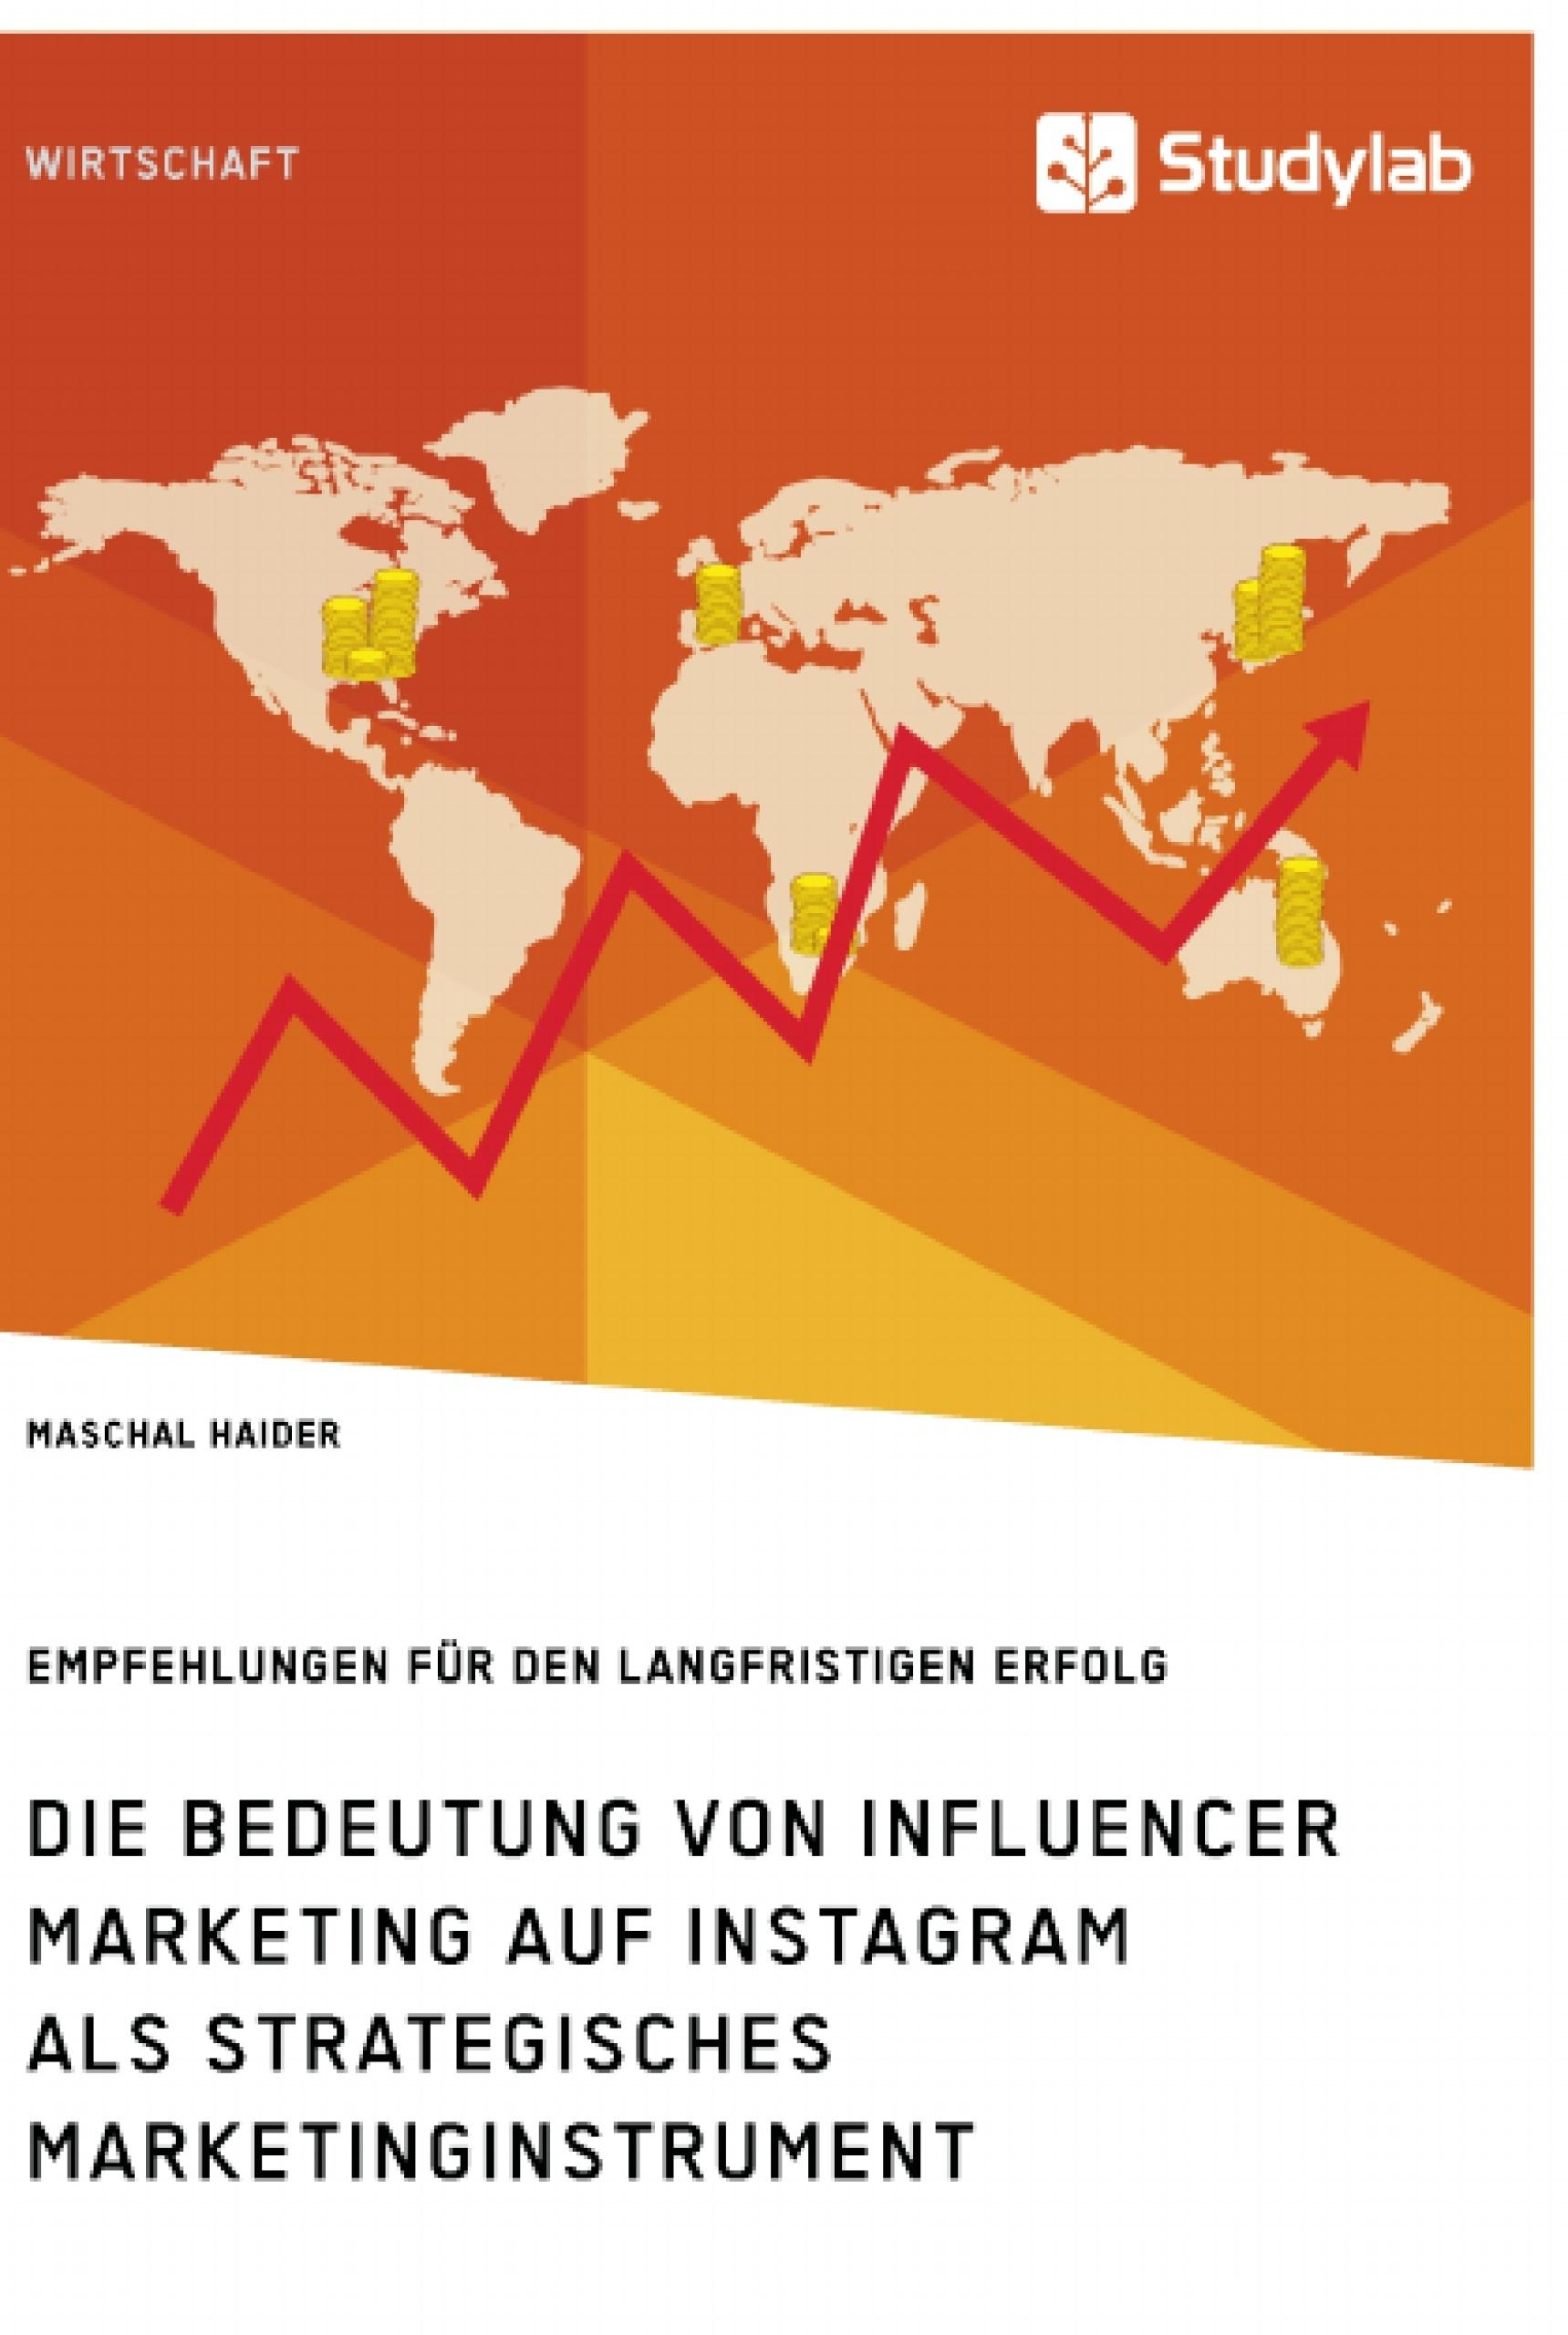 Titel: Die Bedeutung von Influencer Marketing auf Instagram als strategisches Marketinginstrument. Empfehlungen für den langfristigen Erfolg